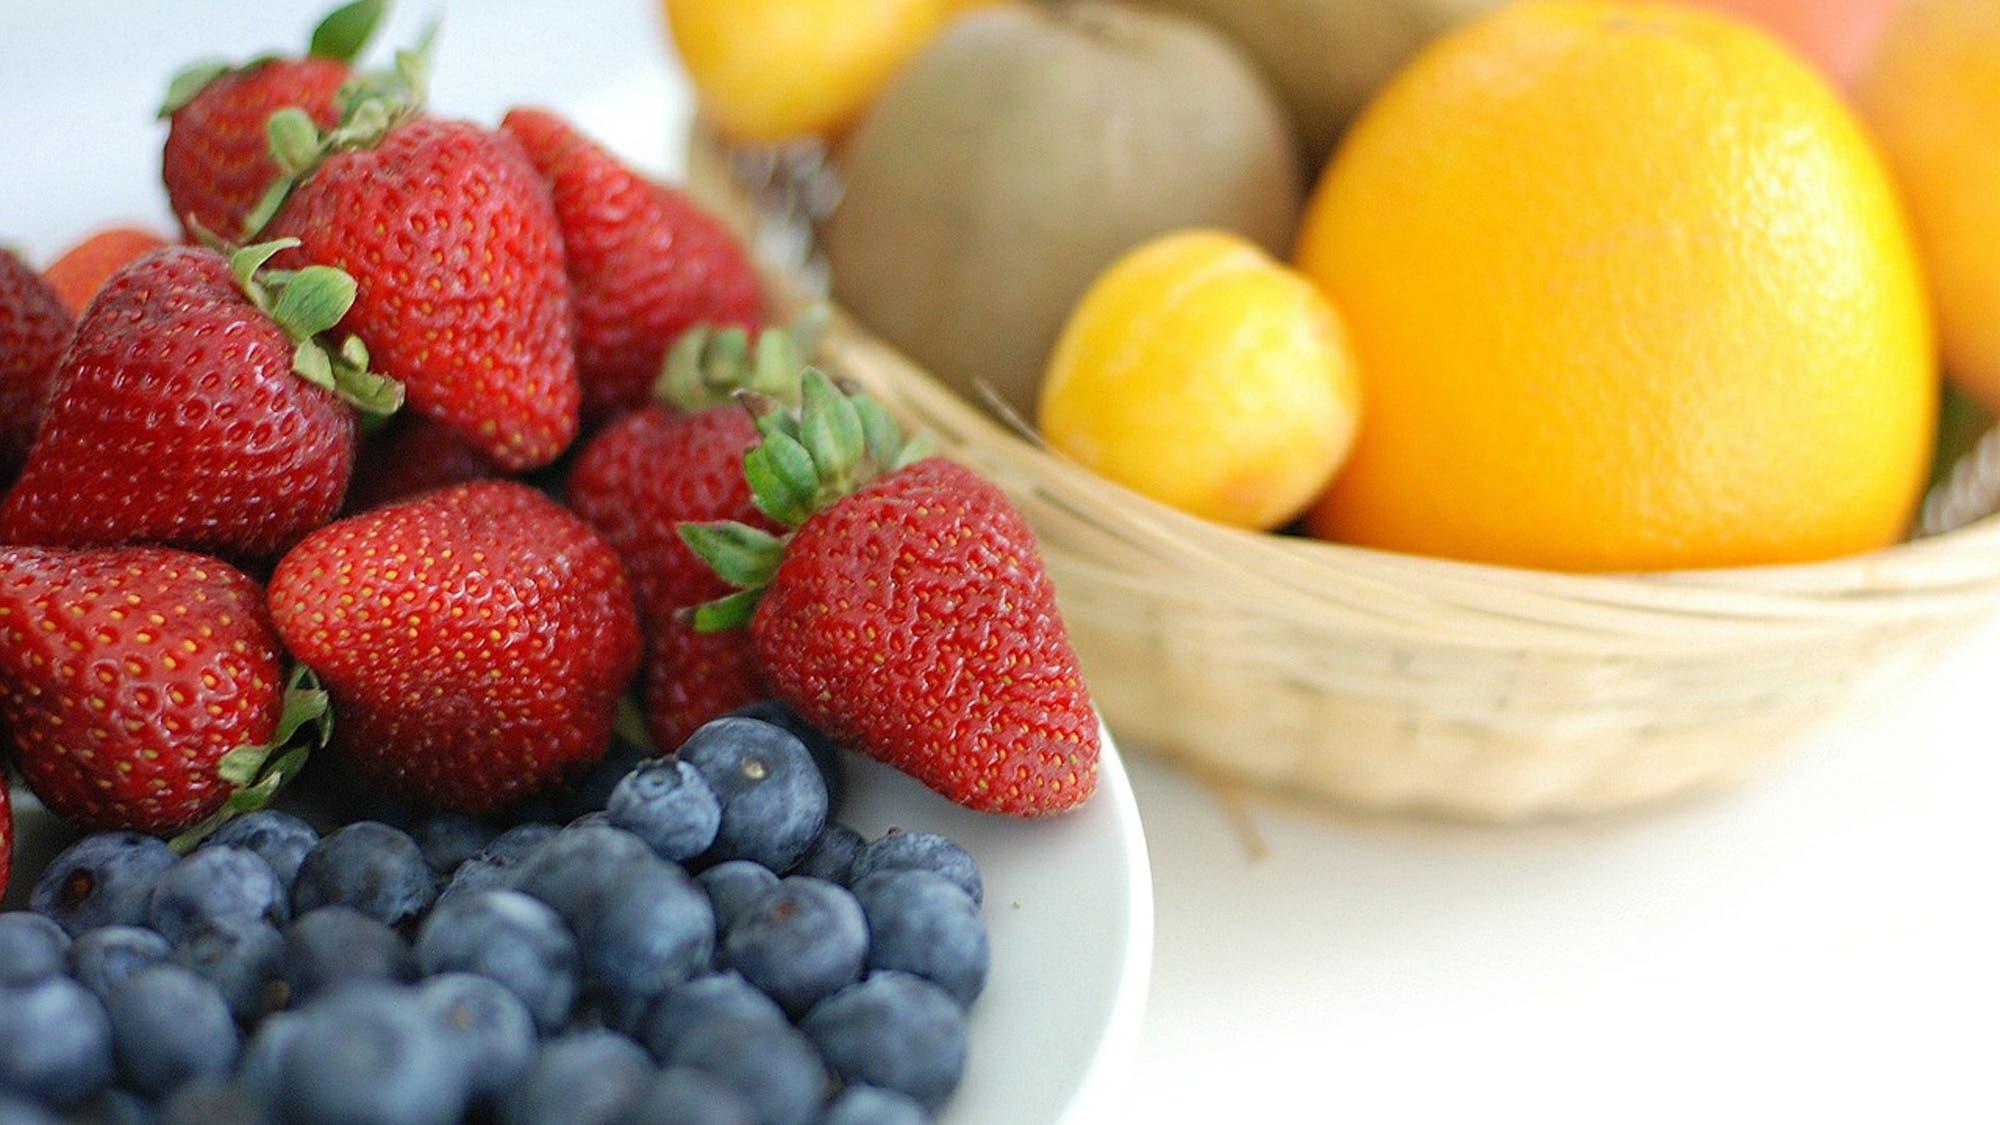 Comer más frutas y verduras puede mejorar tu humor en menos de dos semanas